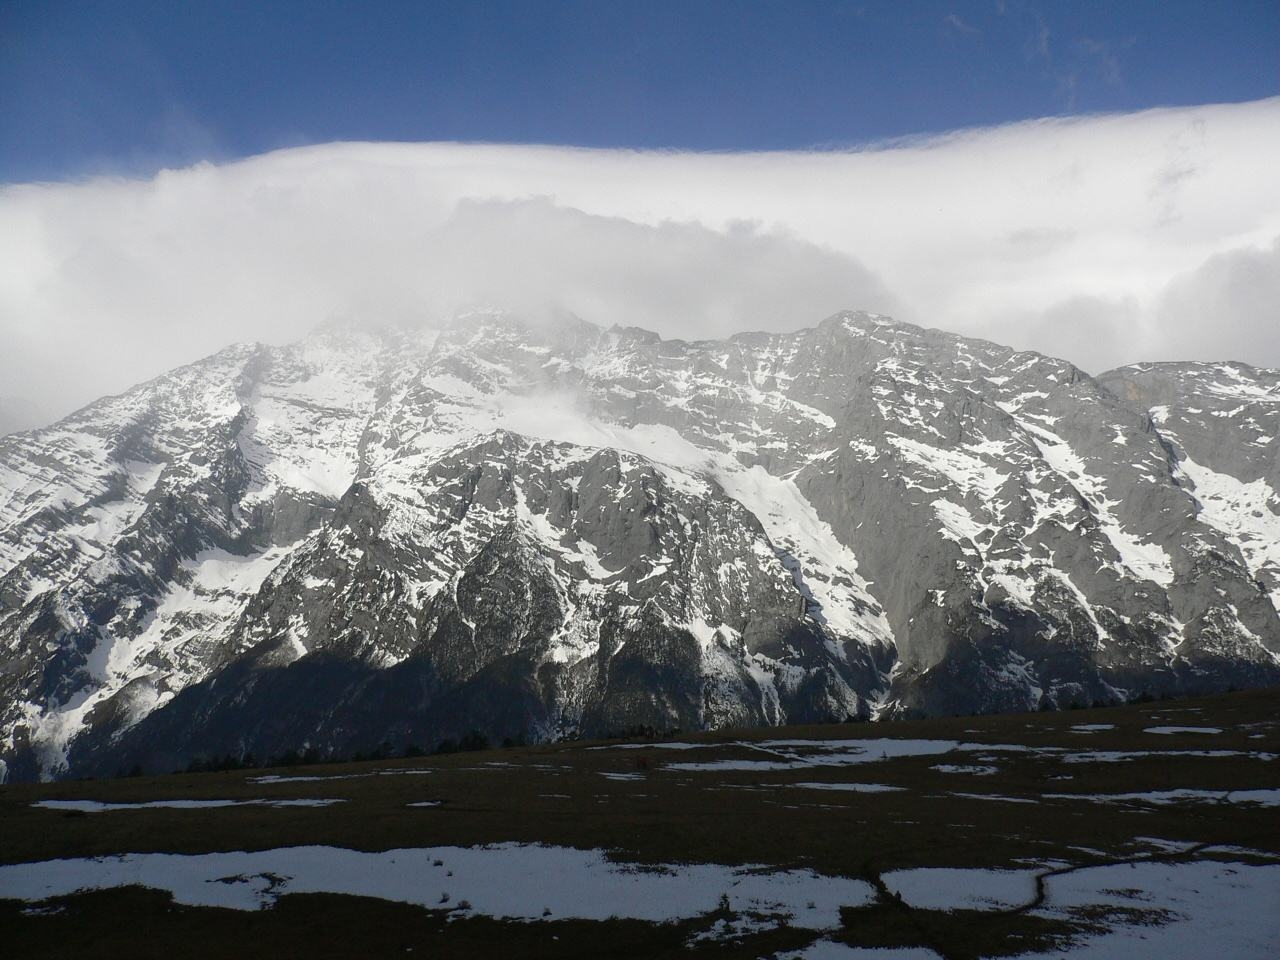 8844米的珠峰早被征服,为何5596米的玉龙雪山反而无人登顶?